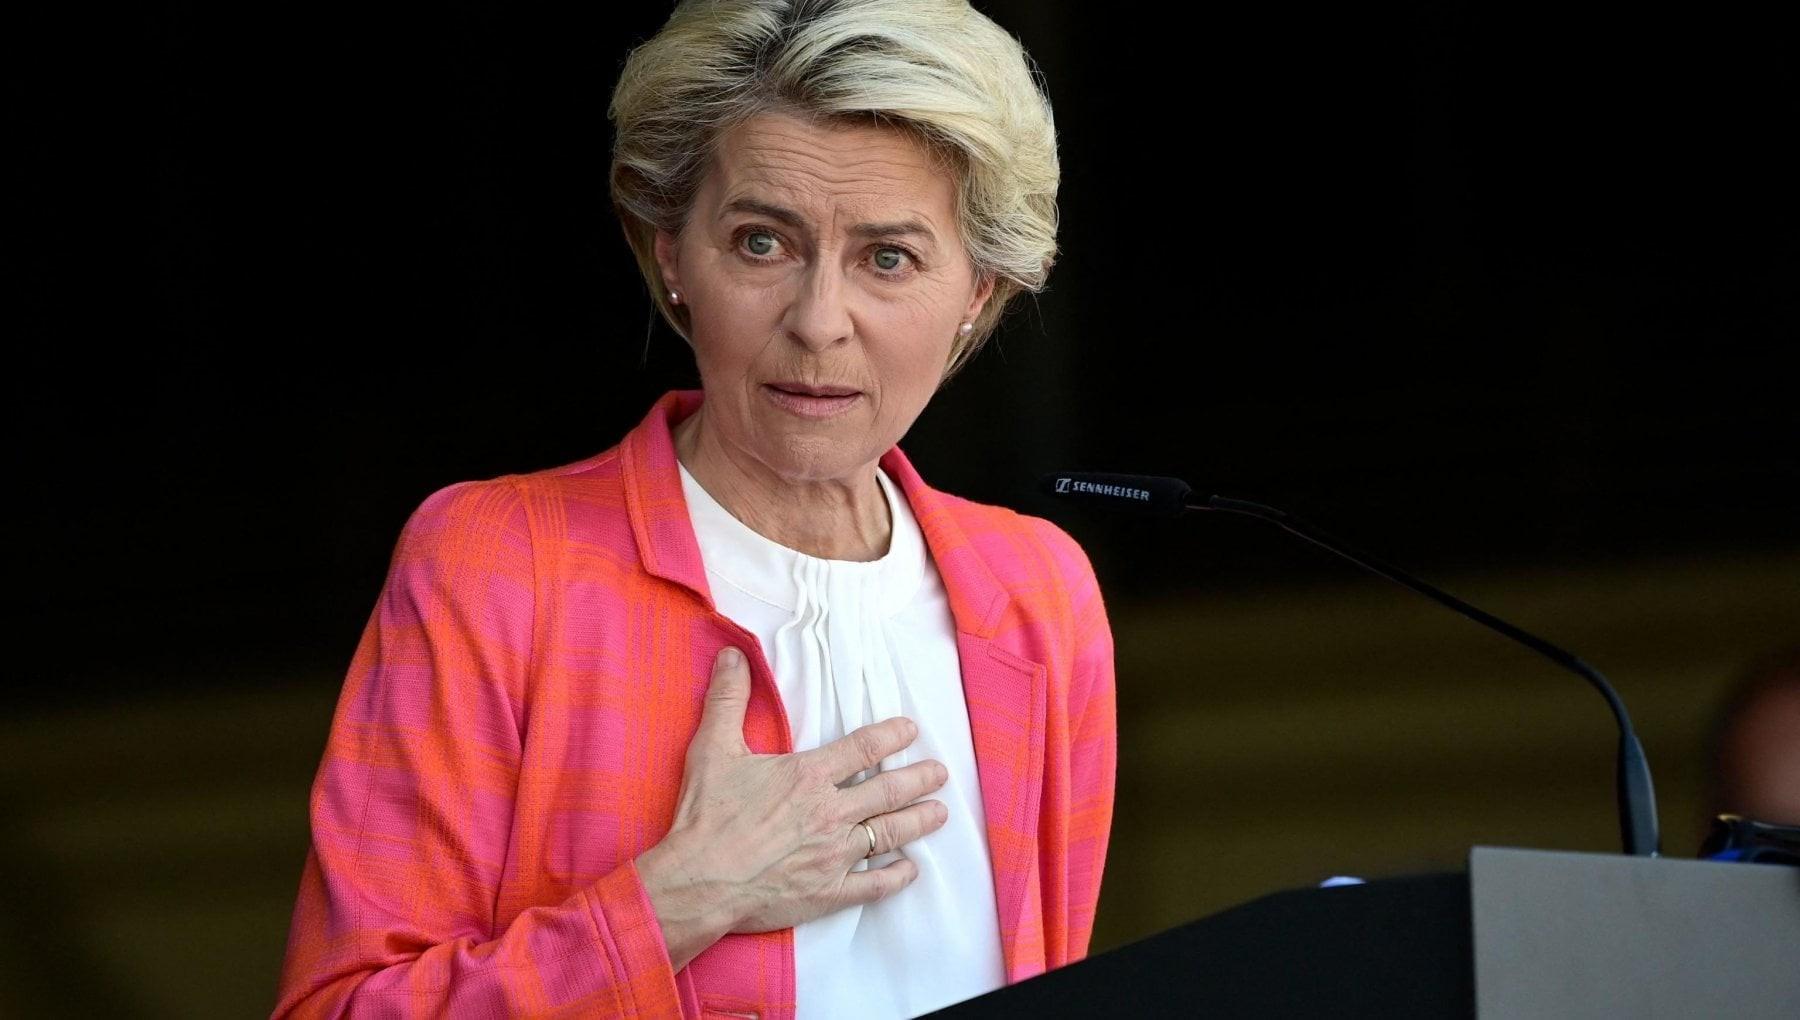 EU đòi công bằng cho Pháp, nói Paris bị cư xử theo cách không thể chấp nhận được